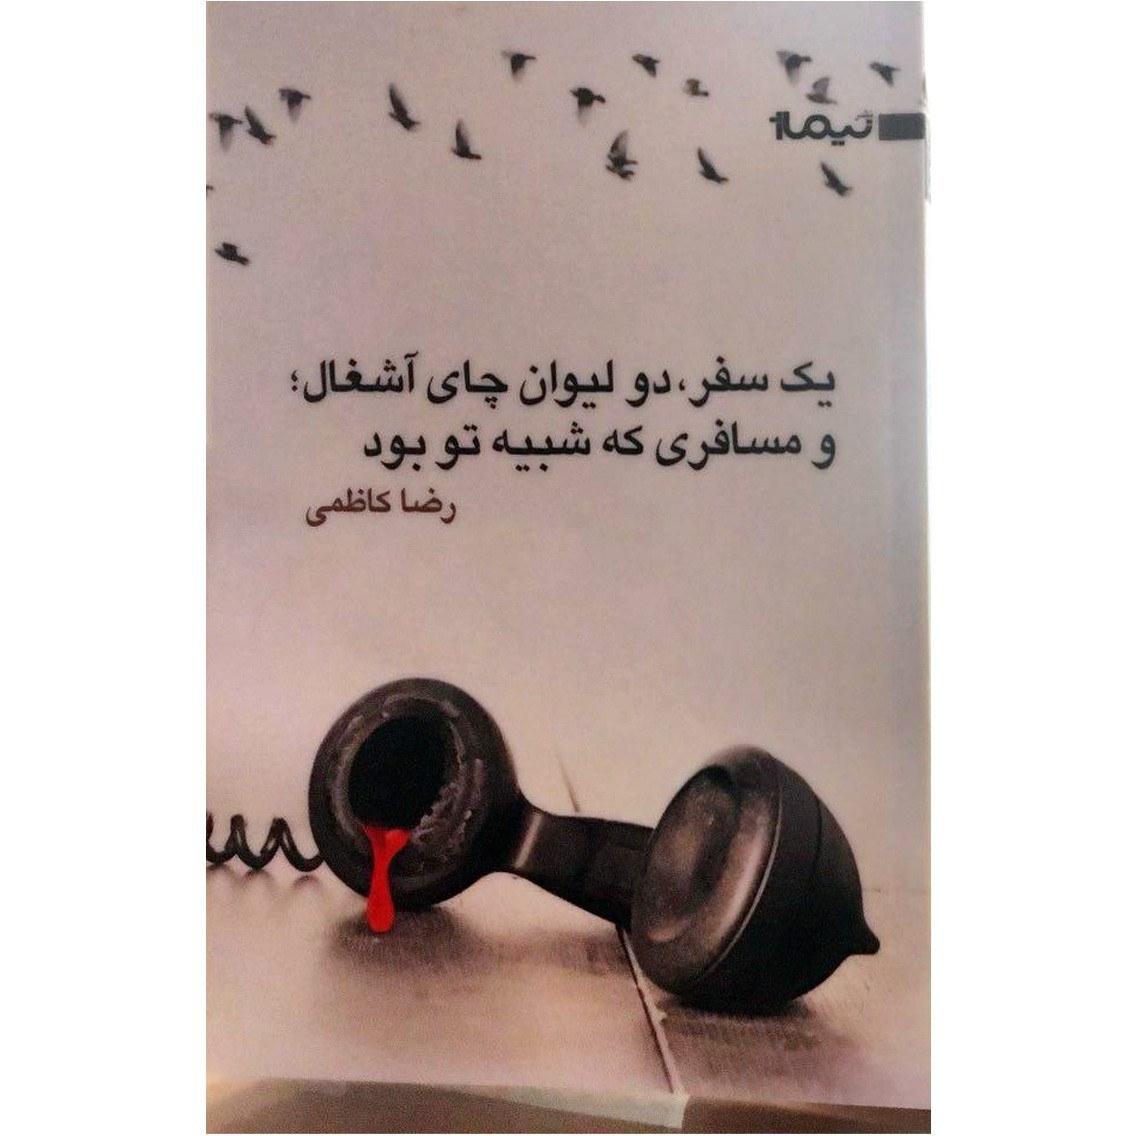 کتاب یک سفر، دو لیوان چای آشغال؛ و مسافری که شبیه تو بود اثر رضا کاظمی